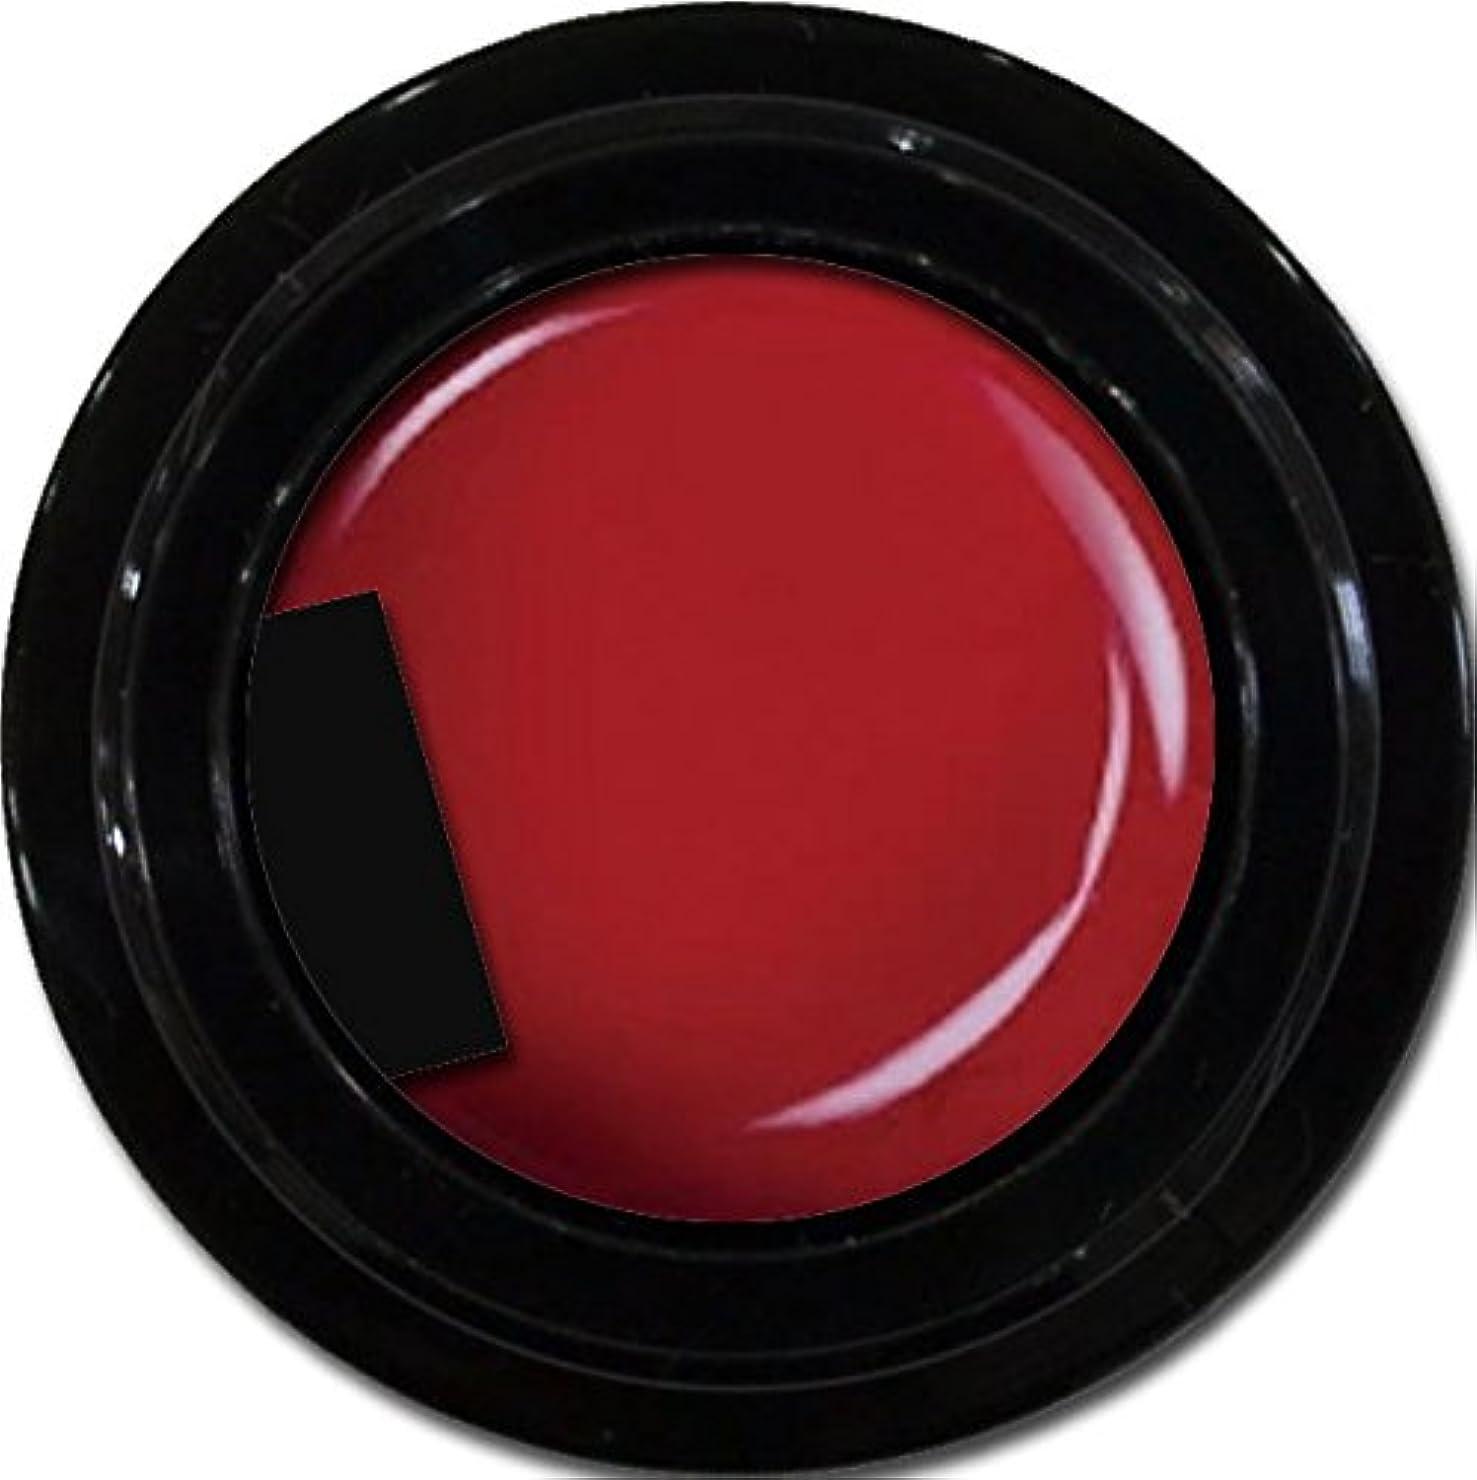 認める学生内訳カラージェル enchant color gel M401 ShinyRed 3g/ マットカラージェル M401 シャイニーレッド 3グラム